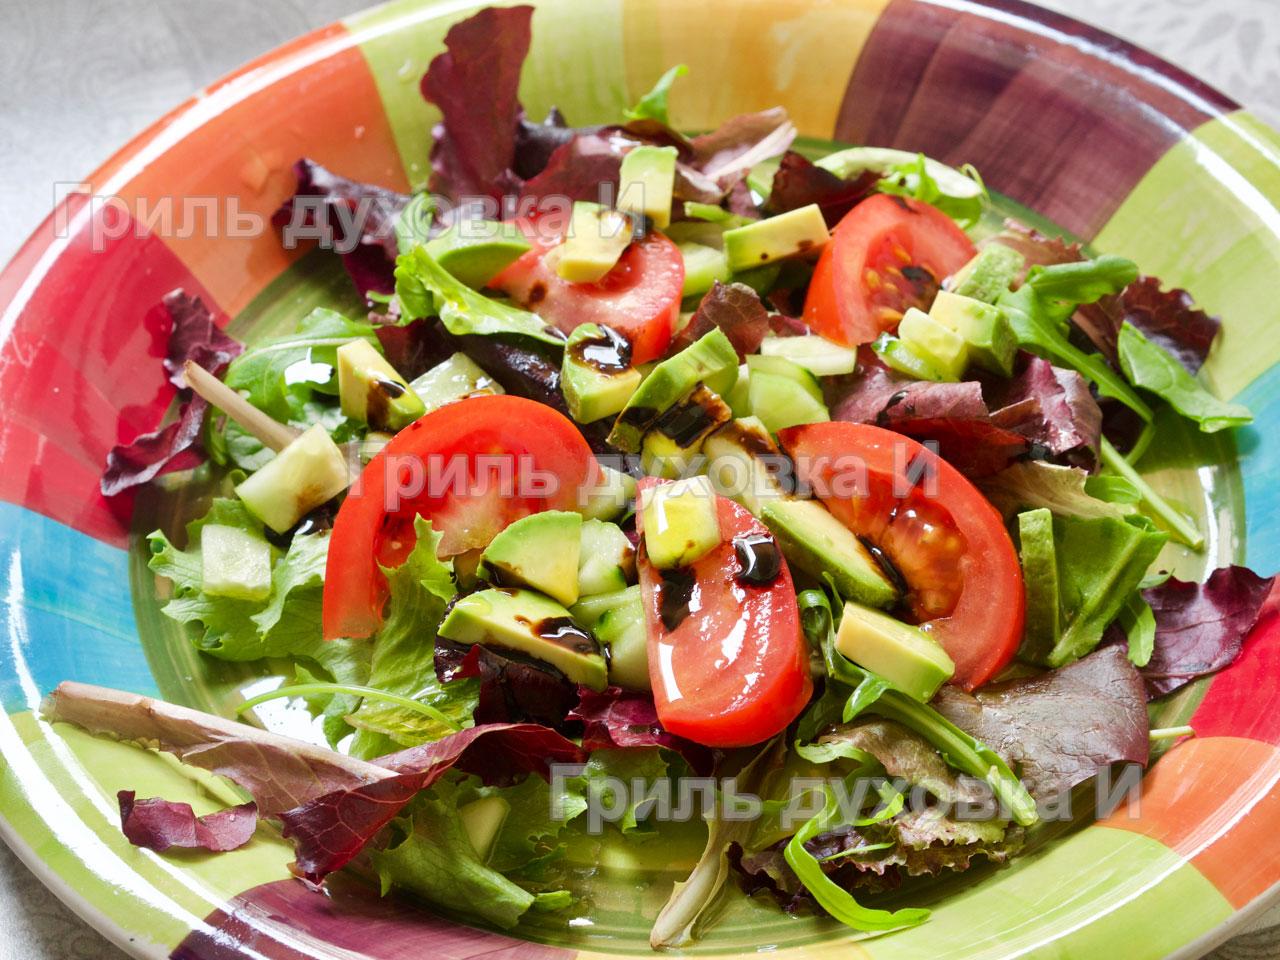 Простой салат с авокадо.